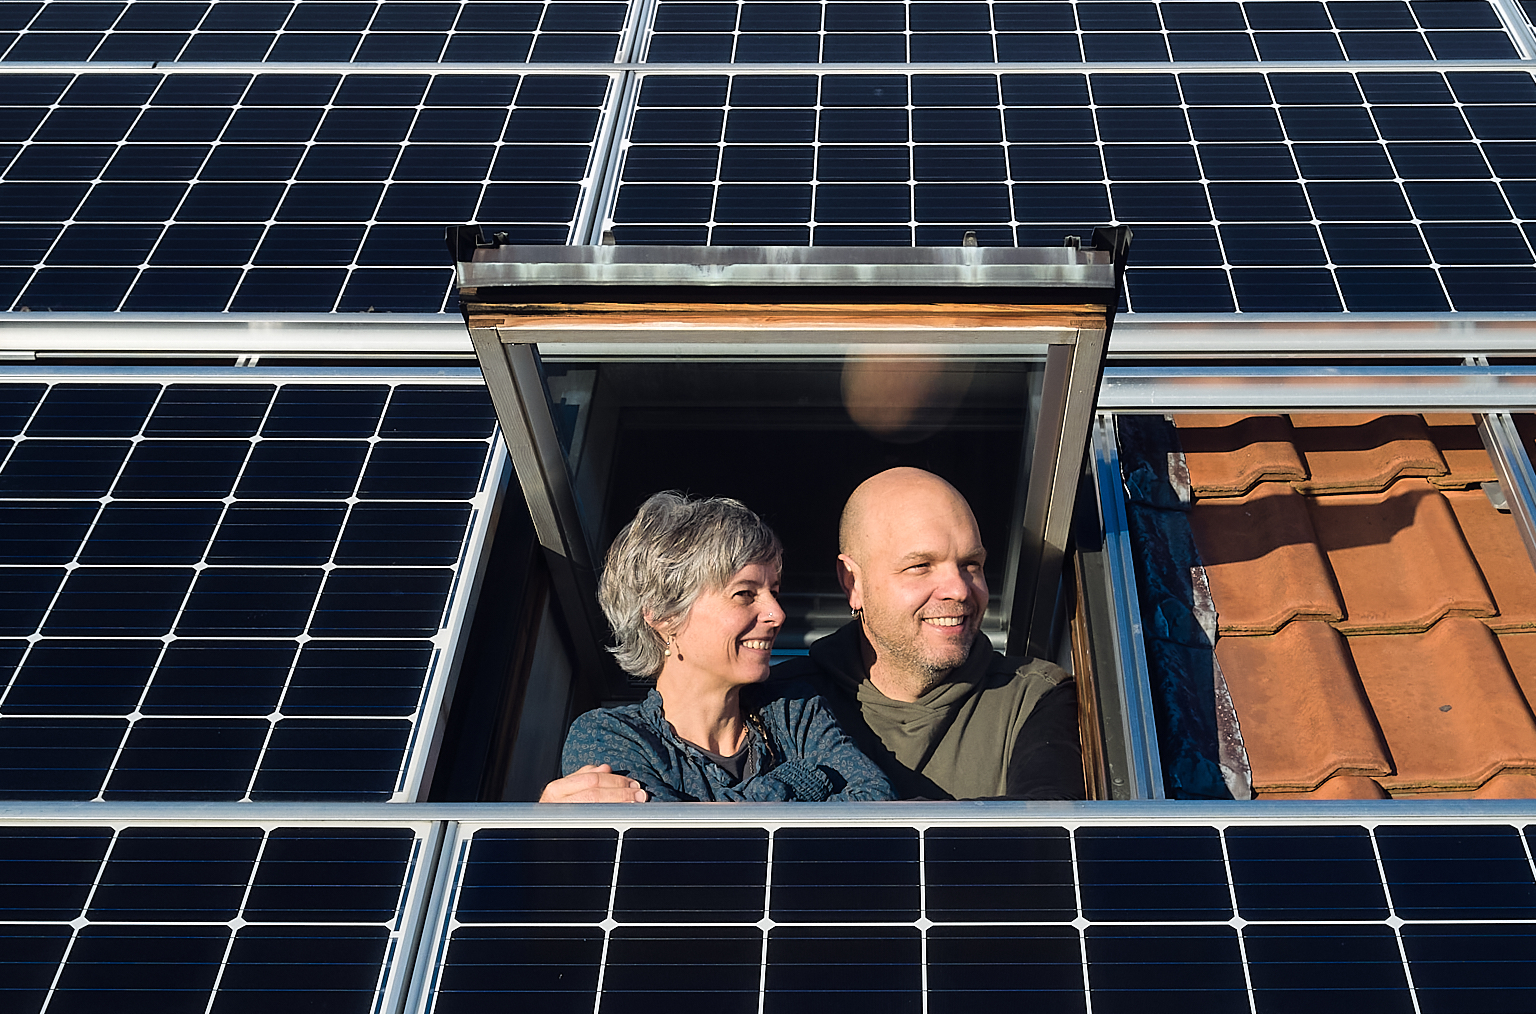 Isabelle und Lukas Loosli blicken aus dem Dachfenster, rund um sie sieht man die Panels der Solaranlage.